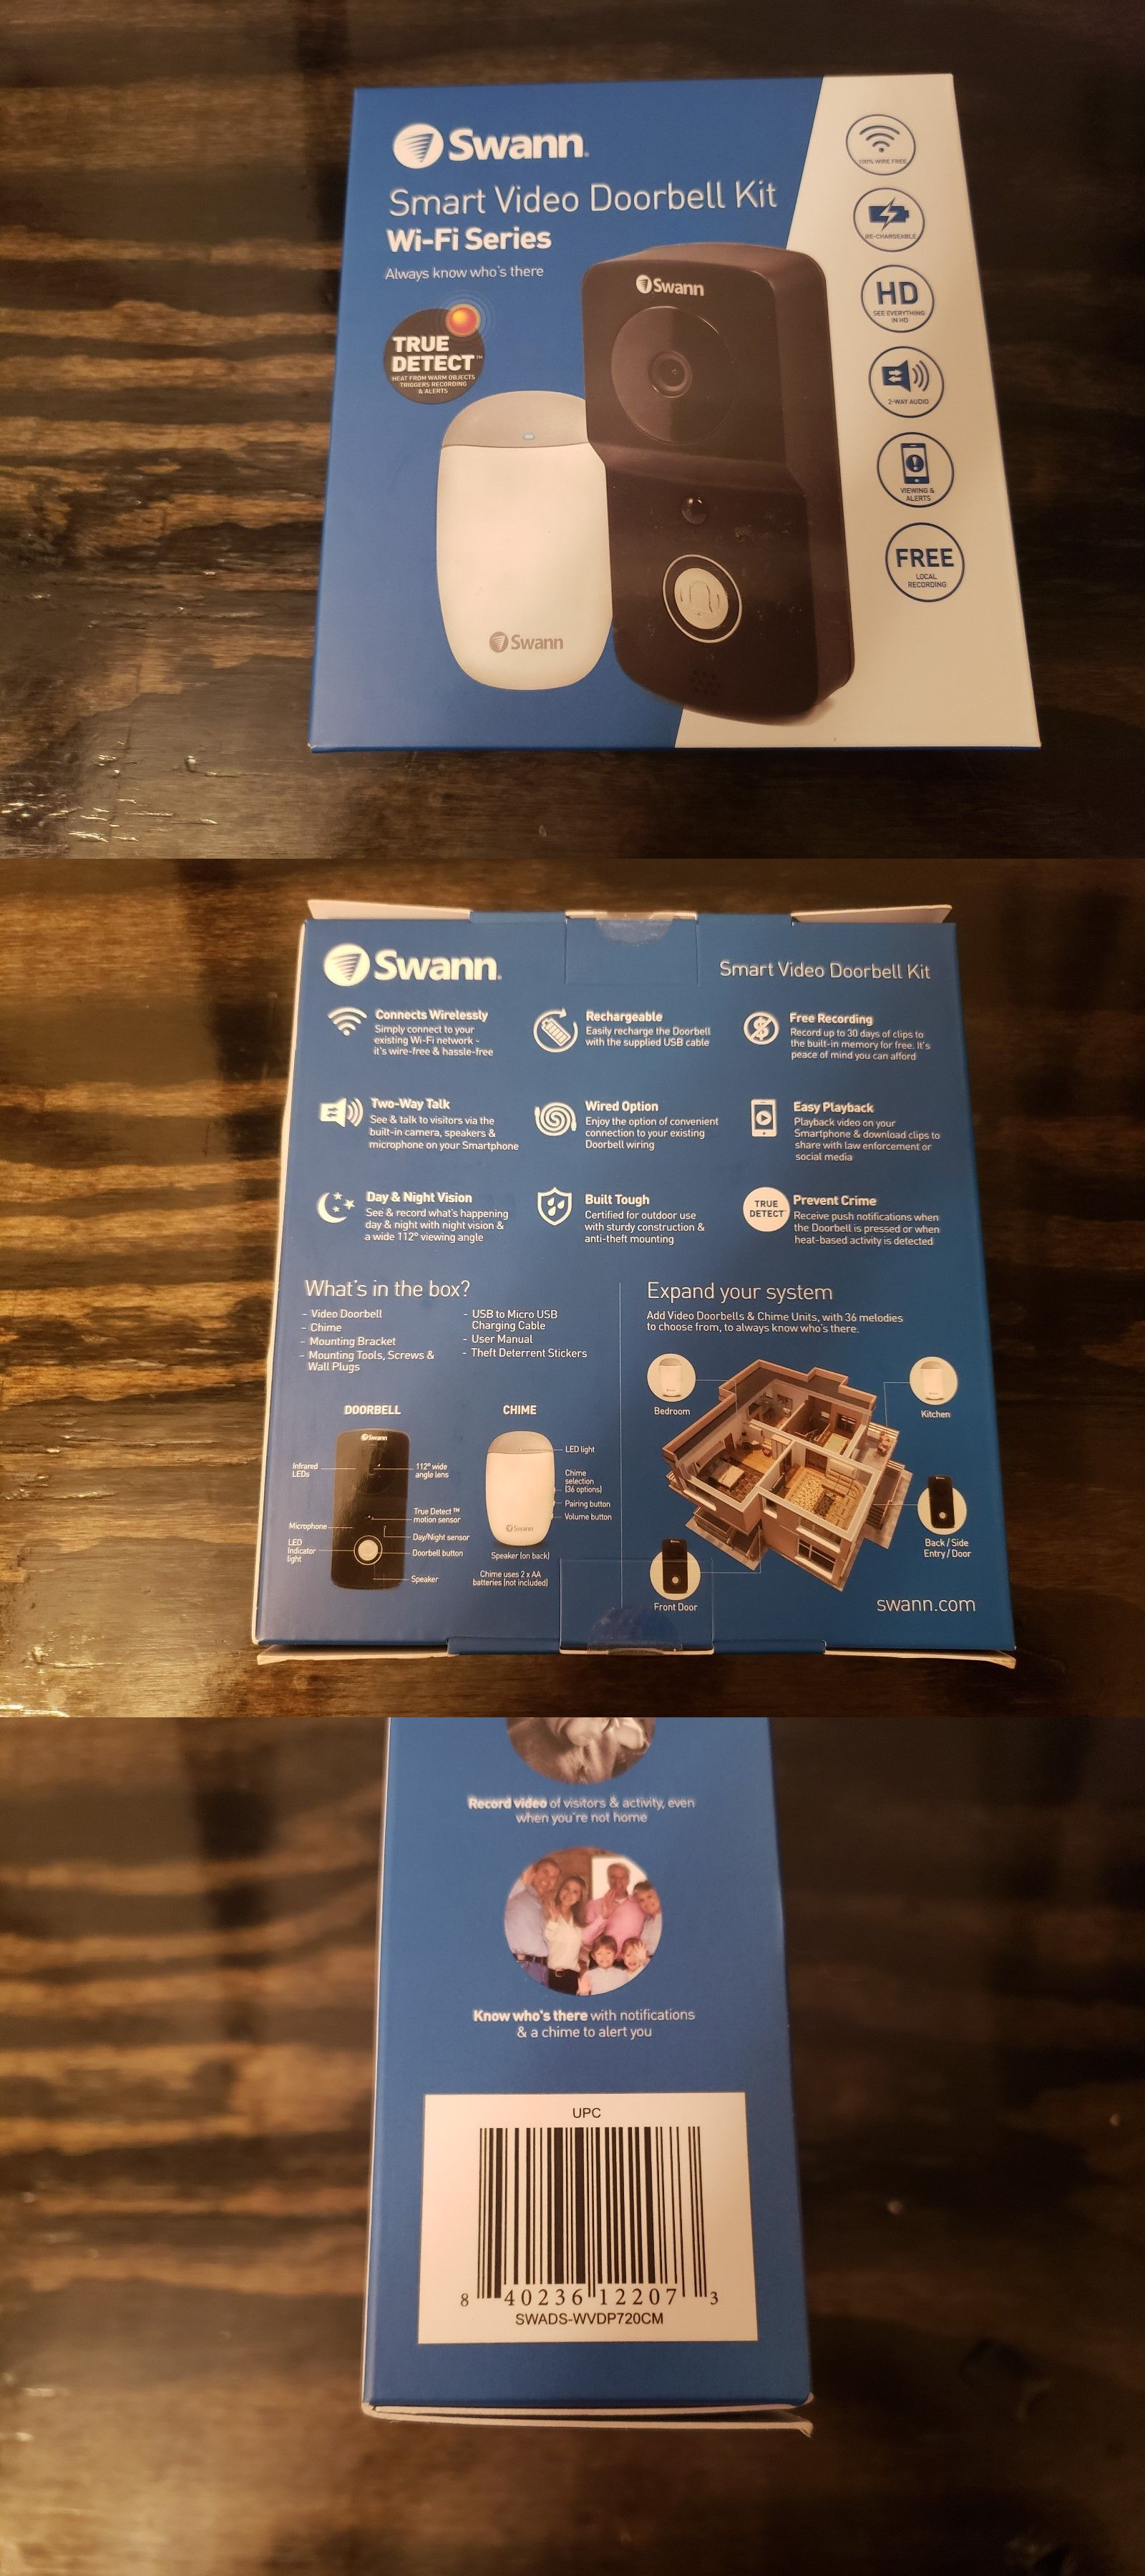 Doorbells 115975 Swann Smart Video Doorbell Kit Wifi Series Swads Wvdp720 New Buy It Now Only 70 On Ebay Doorbells Video Doorbell Smart Video Doorbell